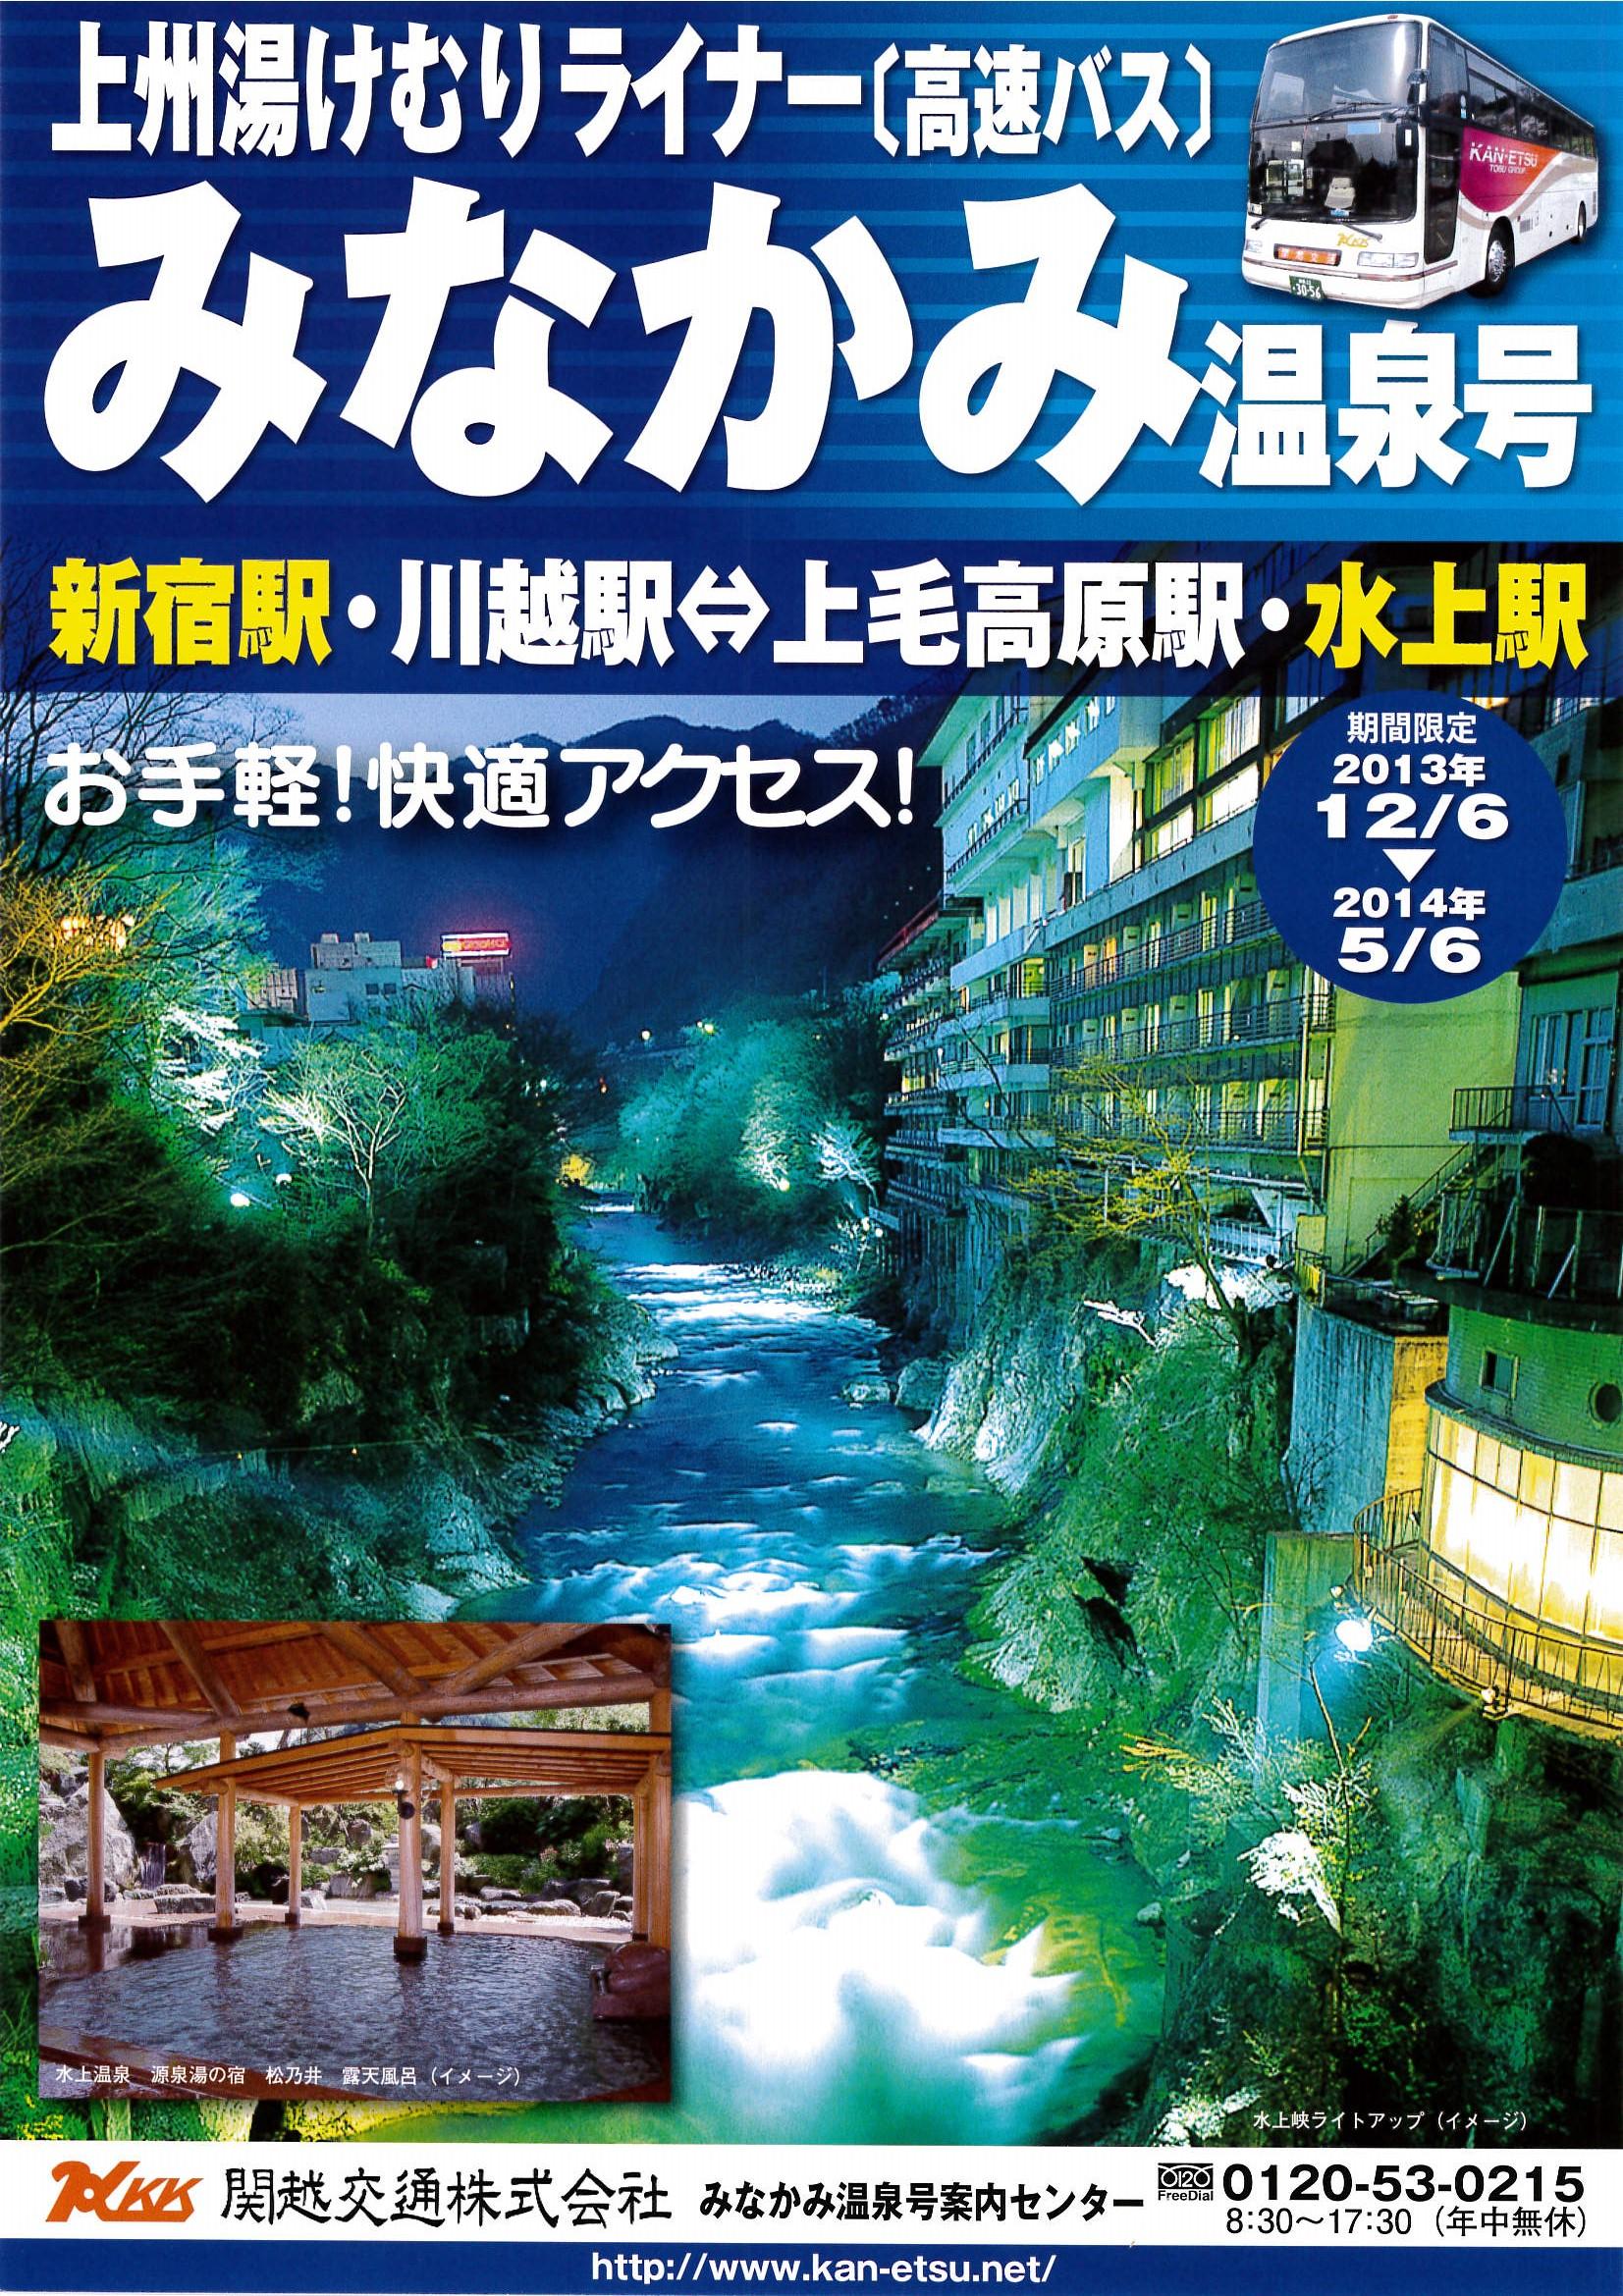 【高速バス】みなかみ温泉号のお知らせ